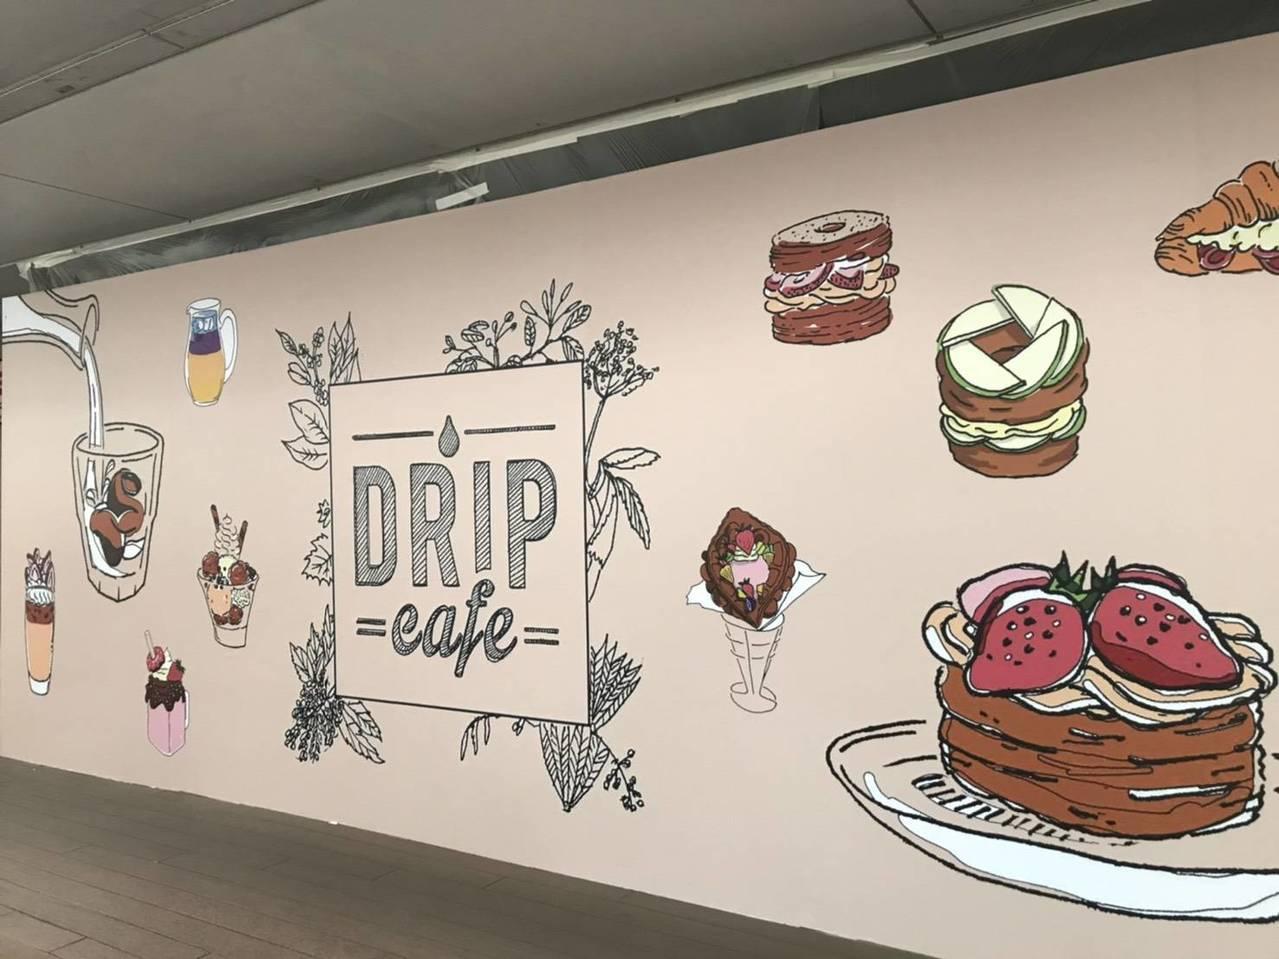 好滴咖啡首度進駐百貨商場,將於12月下旬於環球購物中心板橋車站開幕。圖/環球購物...